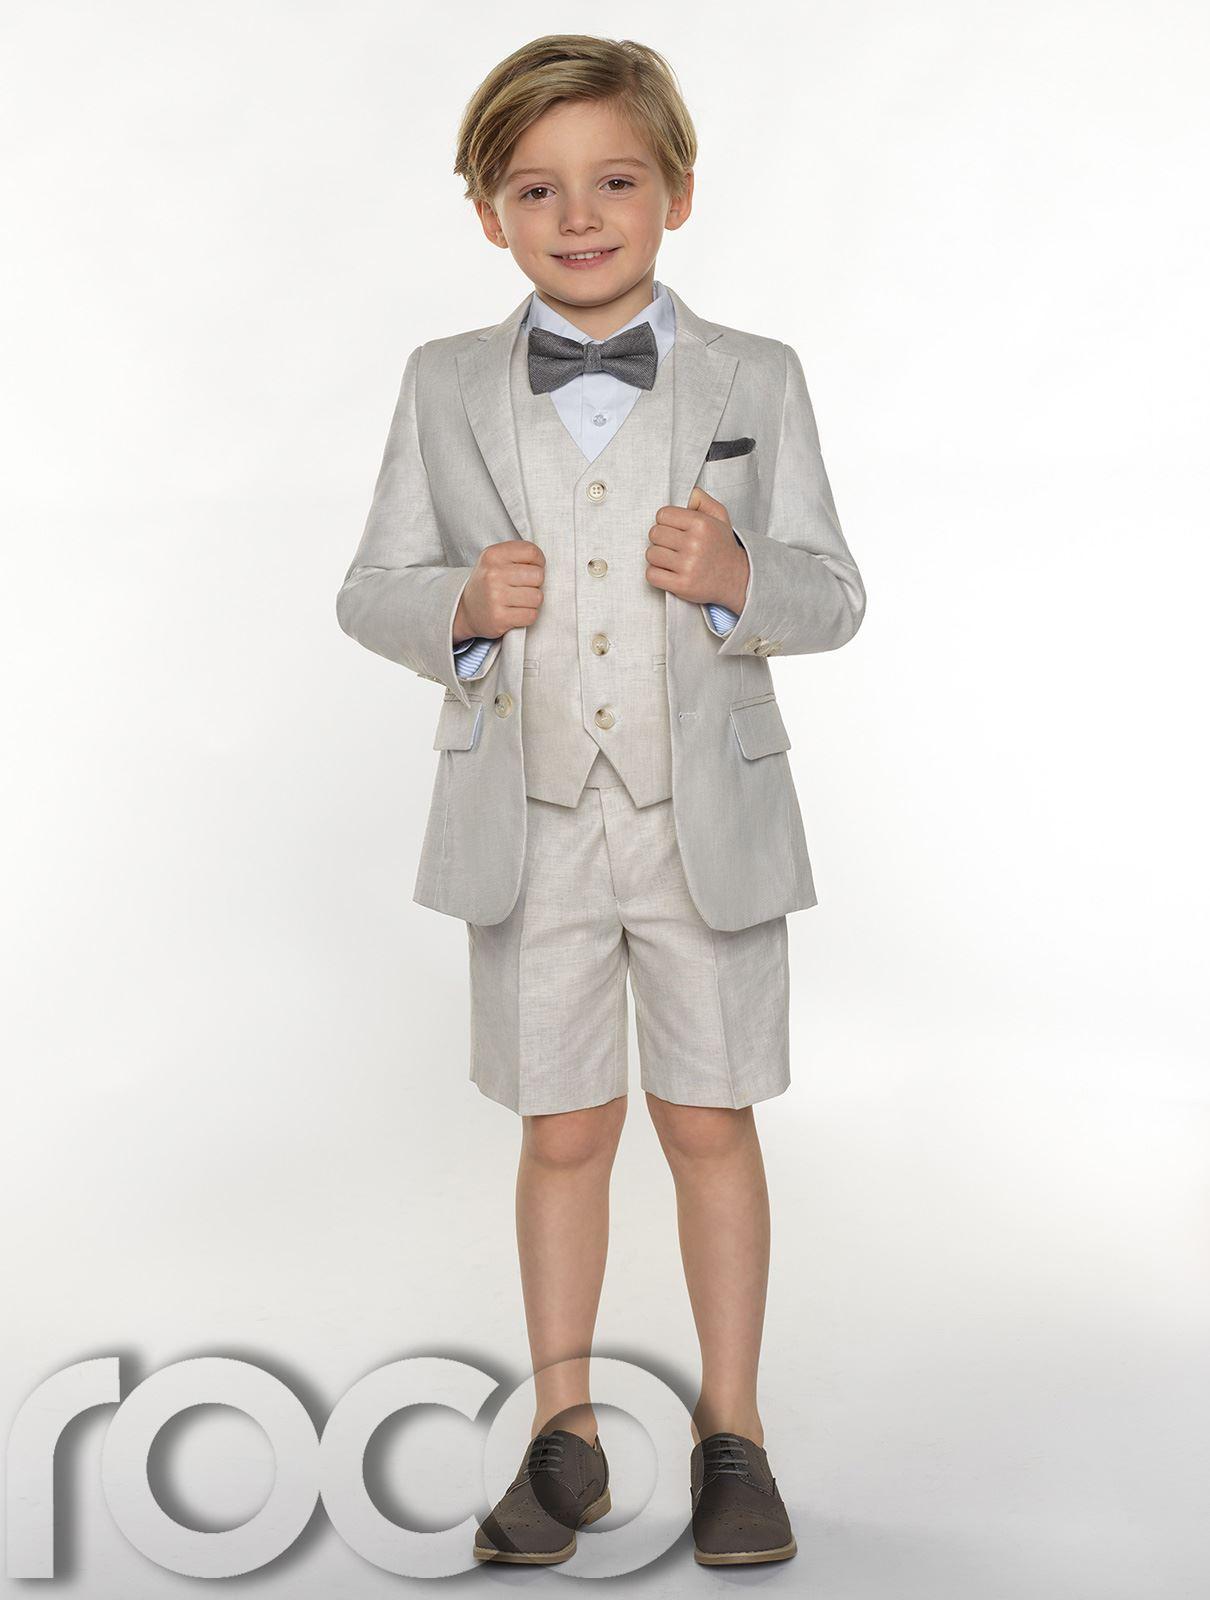 Boys-suits-boys-lin-costumes-page-garcon-tenues-garcons-formal-suits-avec-short miniature 8